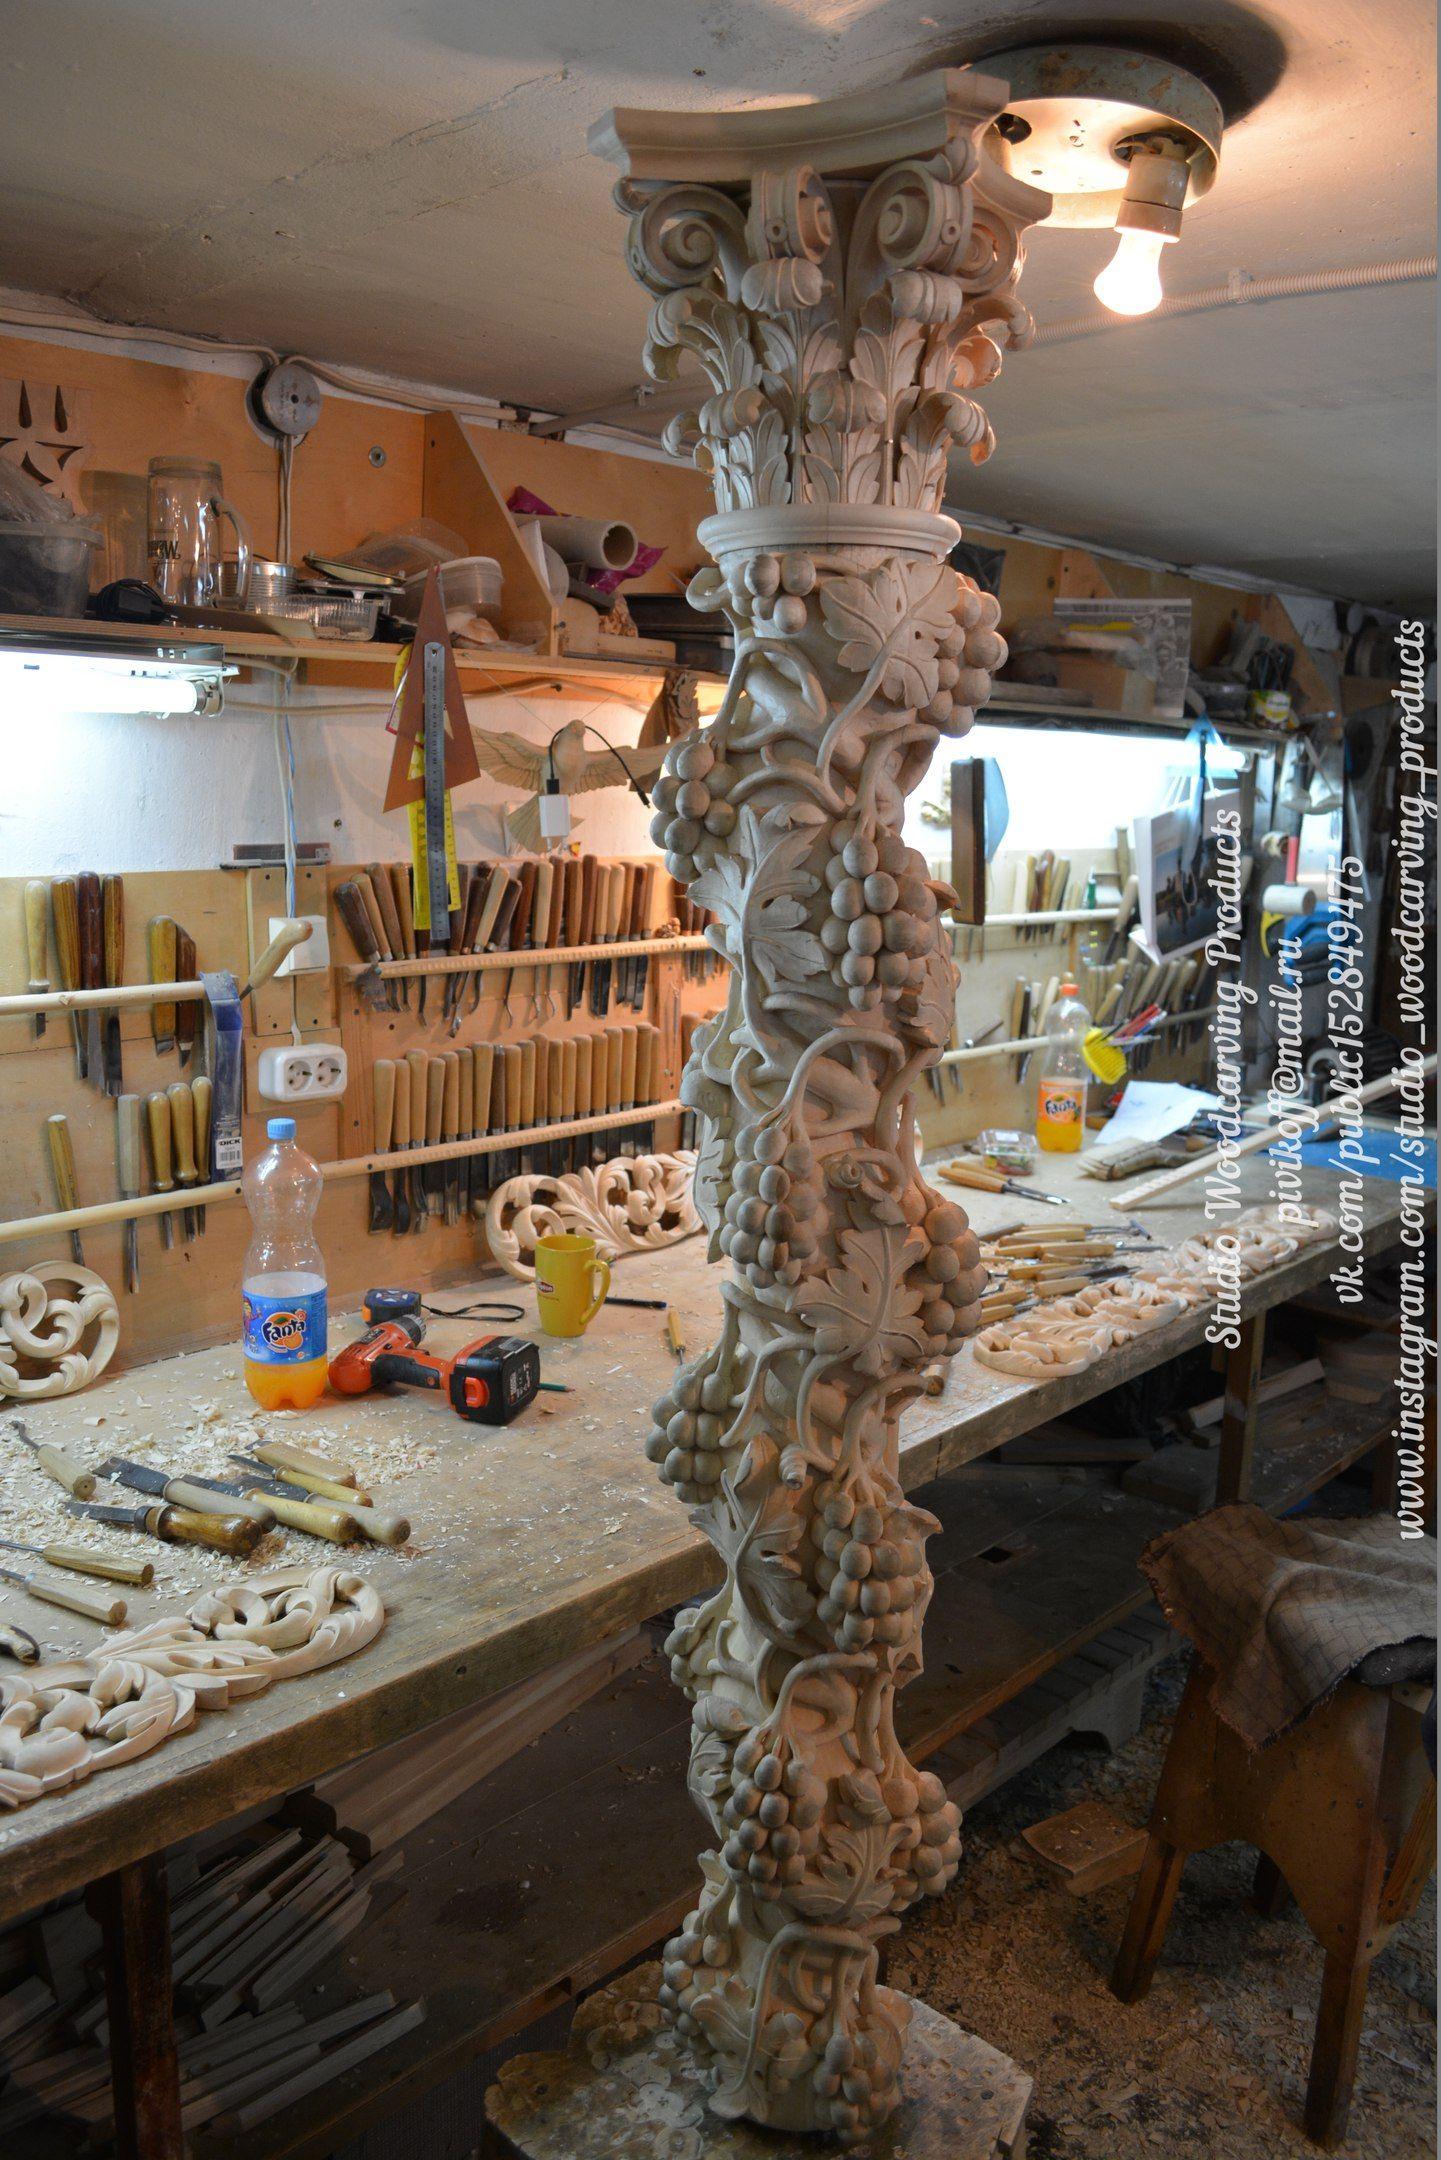 Pin de Erika en Woodwork | Pinterest | Tallado en madera, Madera y ...